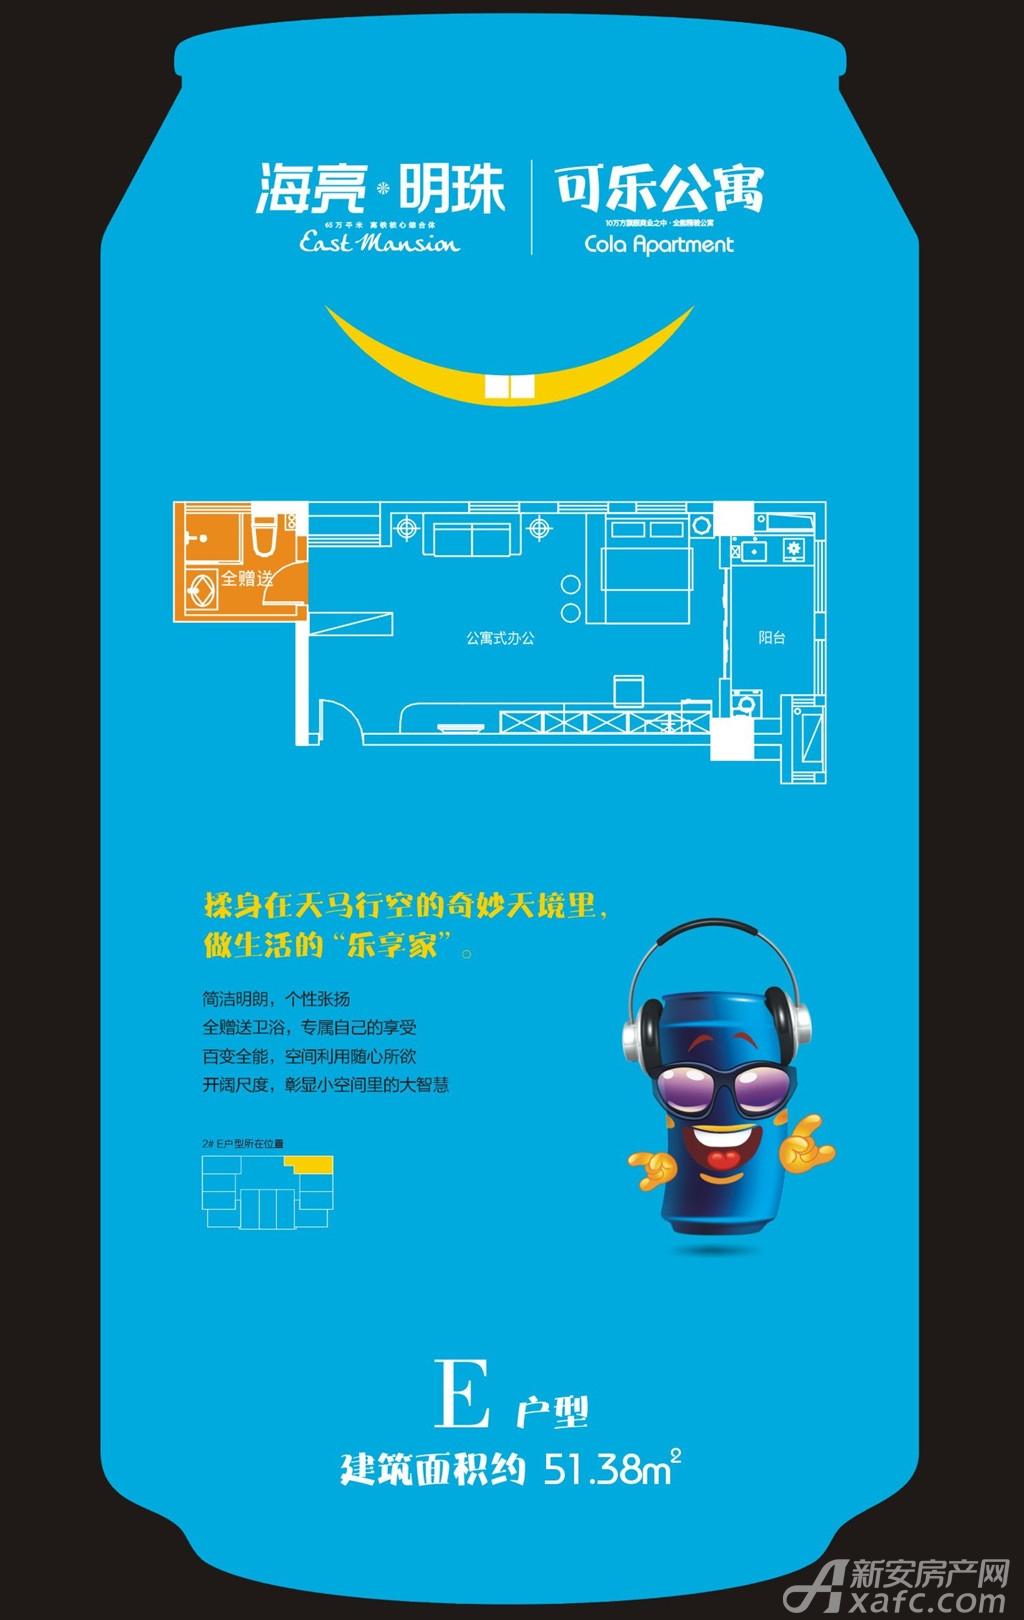 海亮明珠E(公寓)户型1室1厅51.38平米